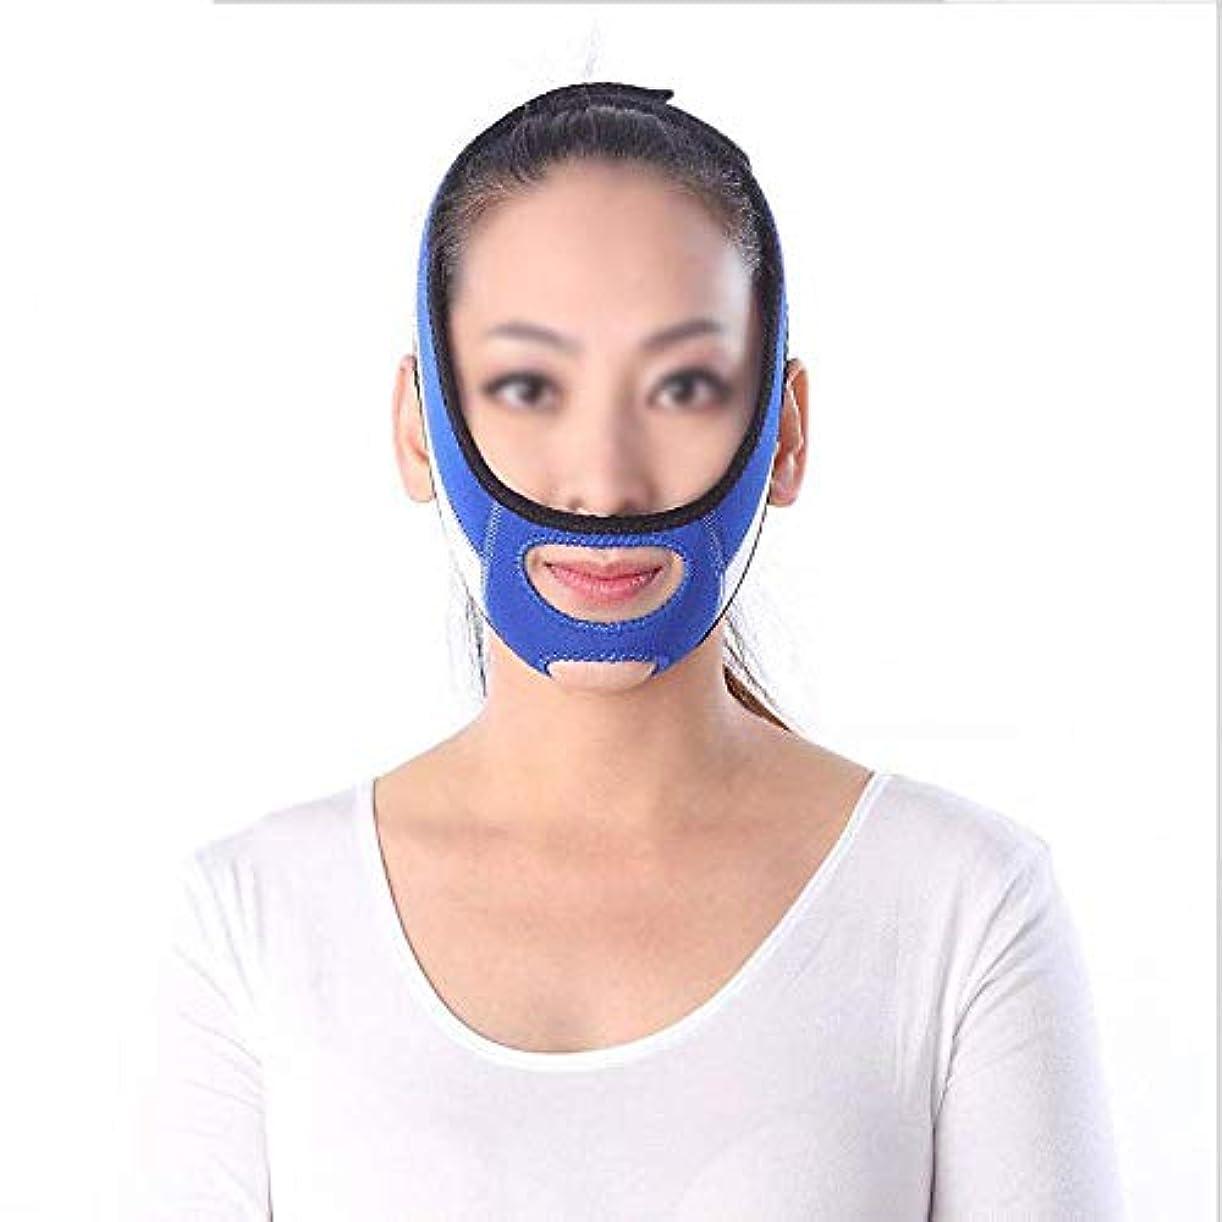 ネックレスパイルソケットフェイスリフティングマスク、リフティングローパターン包帯ライン彫刻修復ツールフェイスリフティングアーティファクト引き締め肌スモールVフェイスバンド